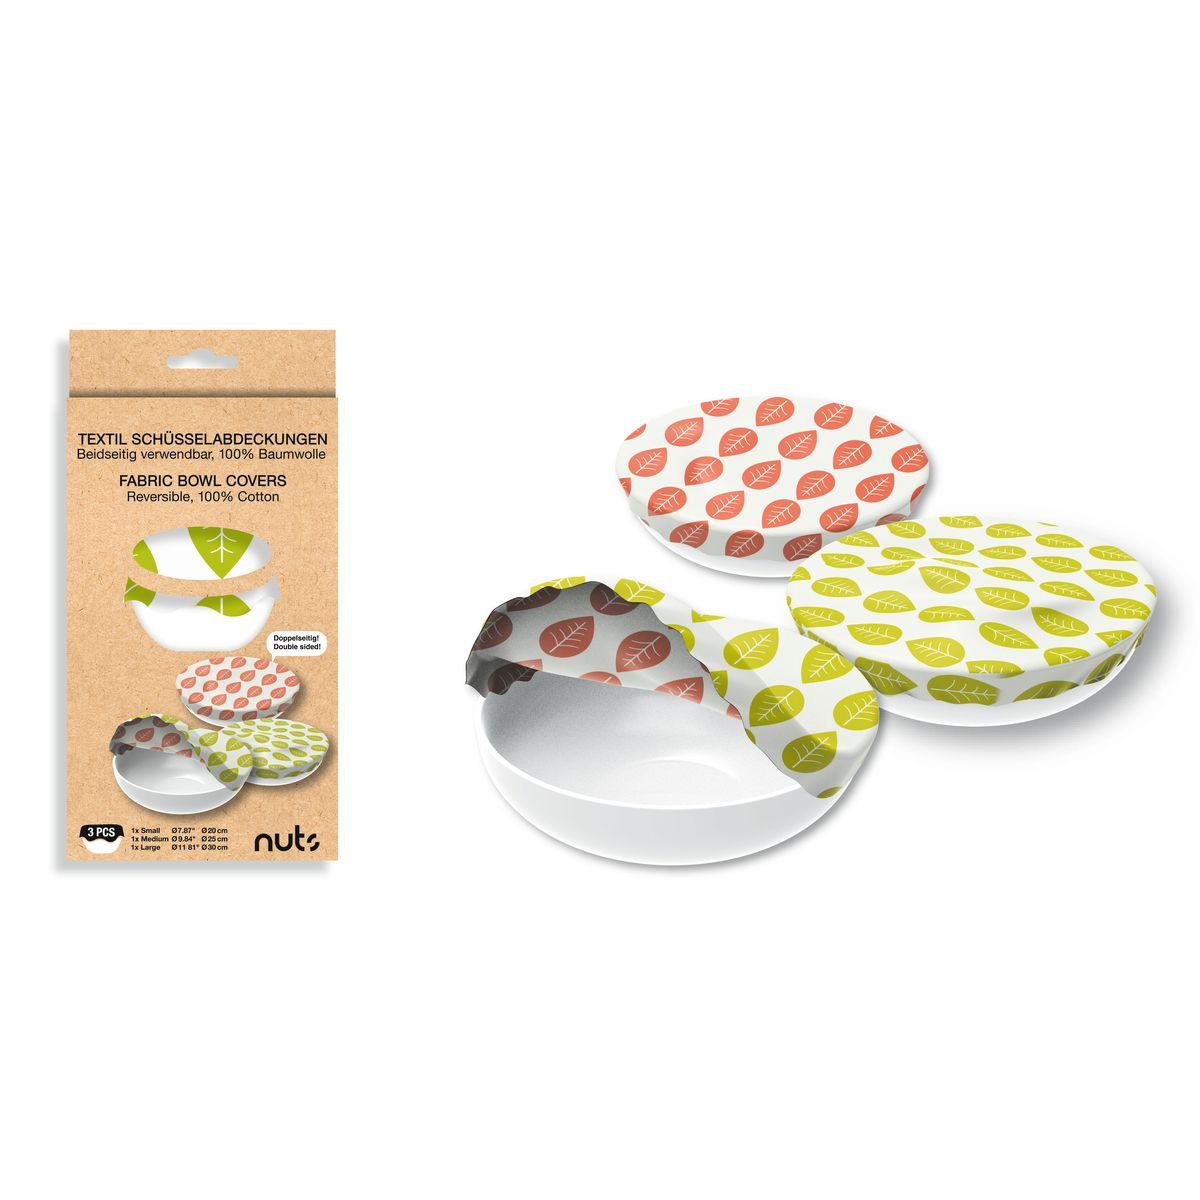 Set de 3 couvre-bols assortis 100% coton 20cm+25cm+30cm - Nuts